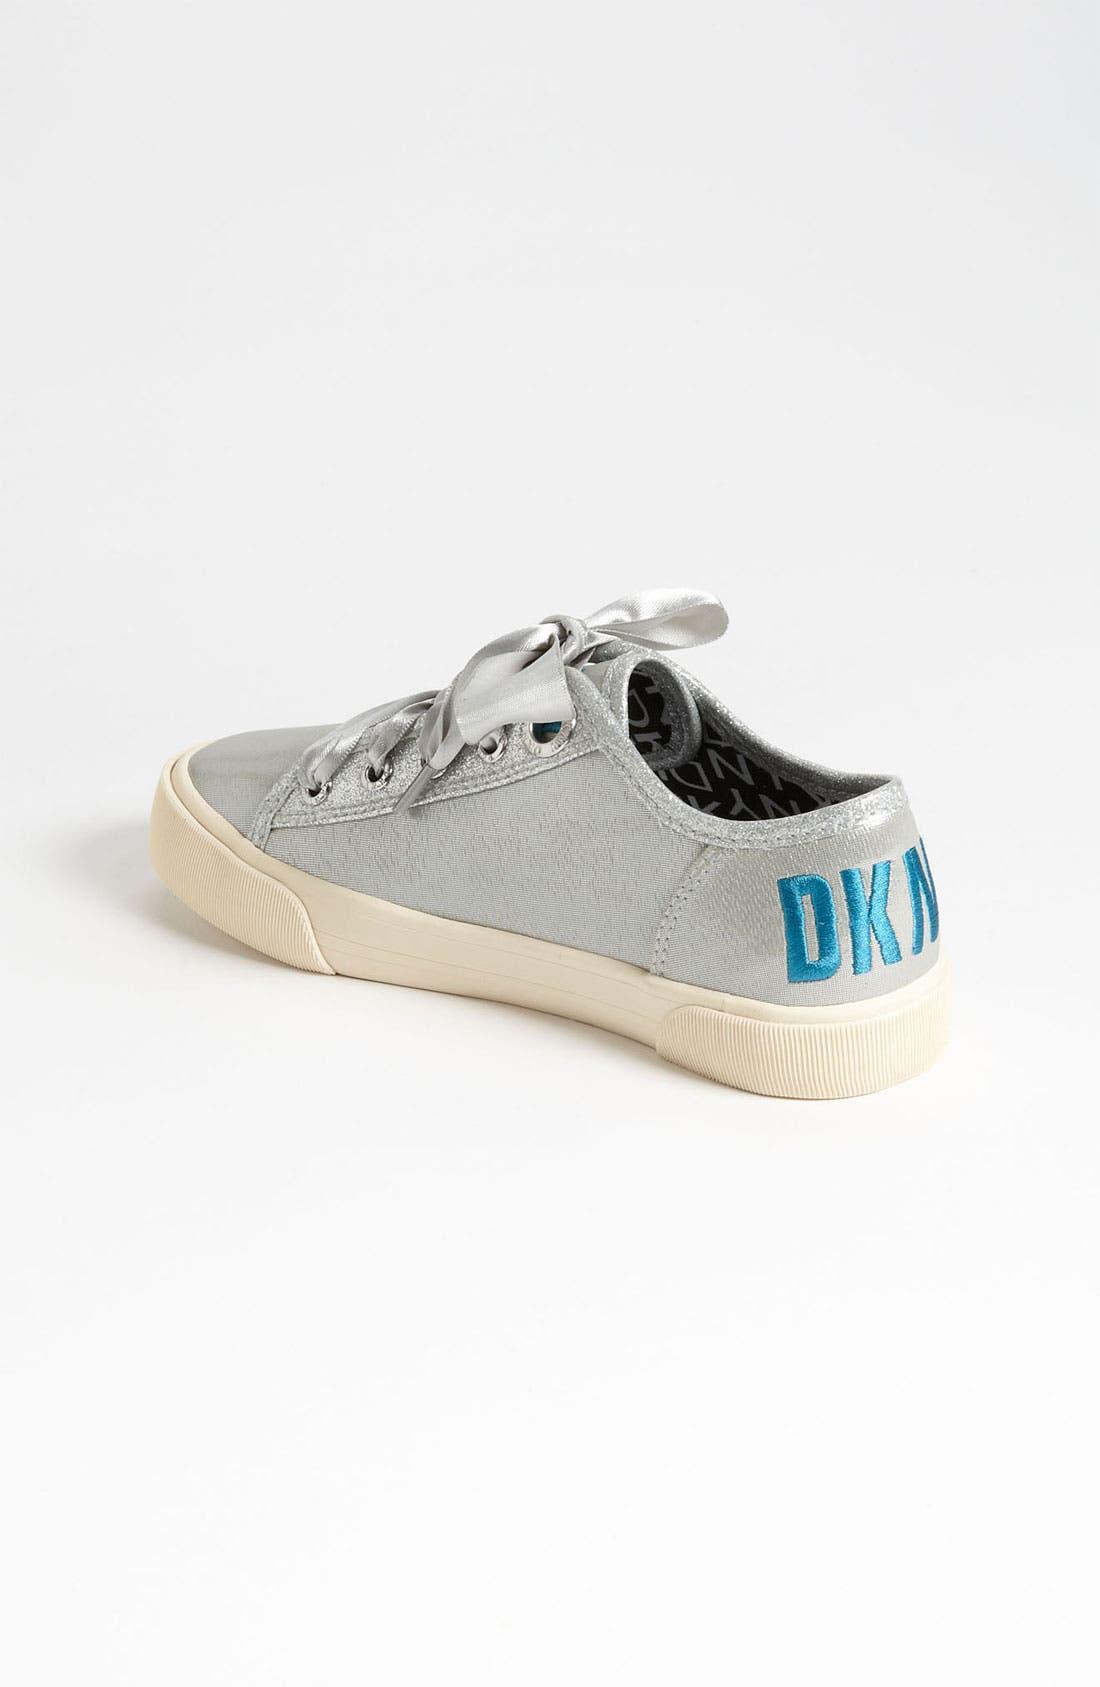 Alternate Image 2  - DKNY 'Linden' Sparkle Sneaker (Toddler, Little Kid & Big Kid)